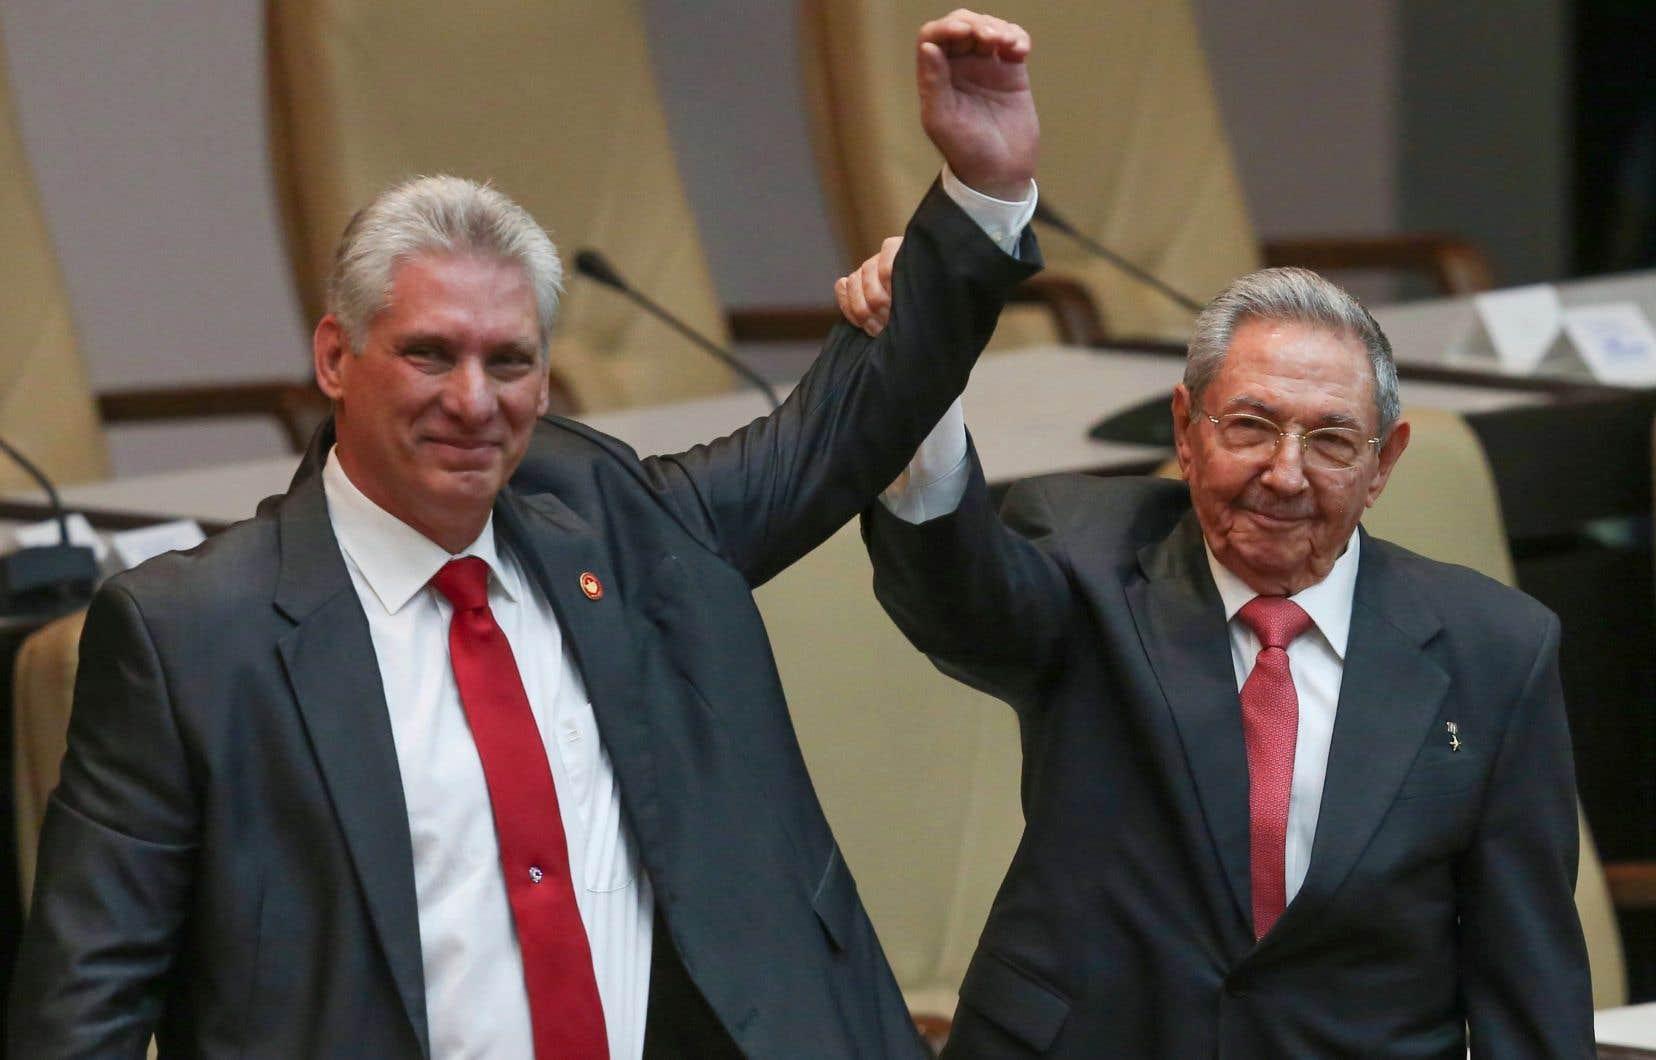 Le nouveau président de Cuba, Miguel Díaz-Canel (à gauche), aux côtés de Raul Castro, qui a régné sur le pays pendant dix ans